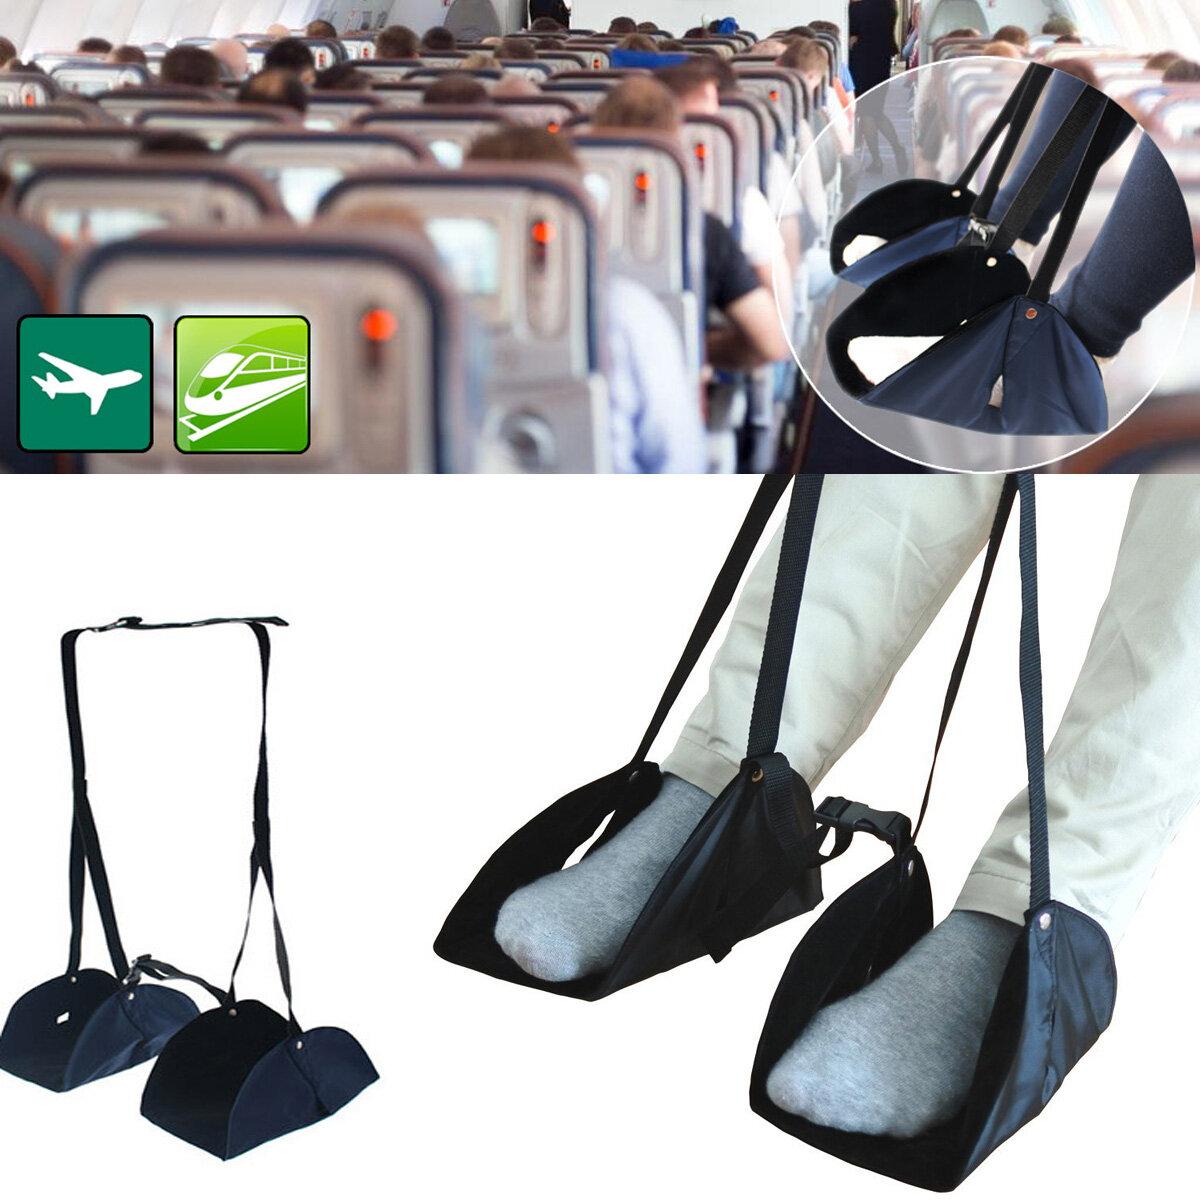 IPRee ™ Portable Travel Airplane Foot Pad Almofada de trem ajustável Estar descansar Hamac